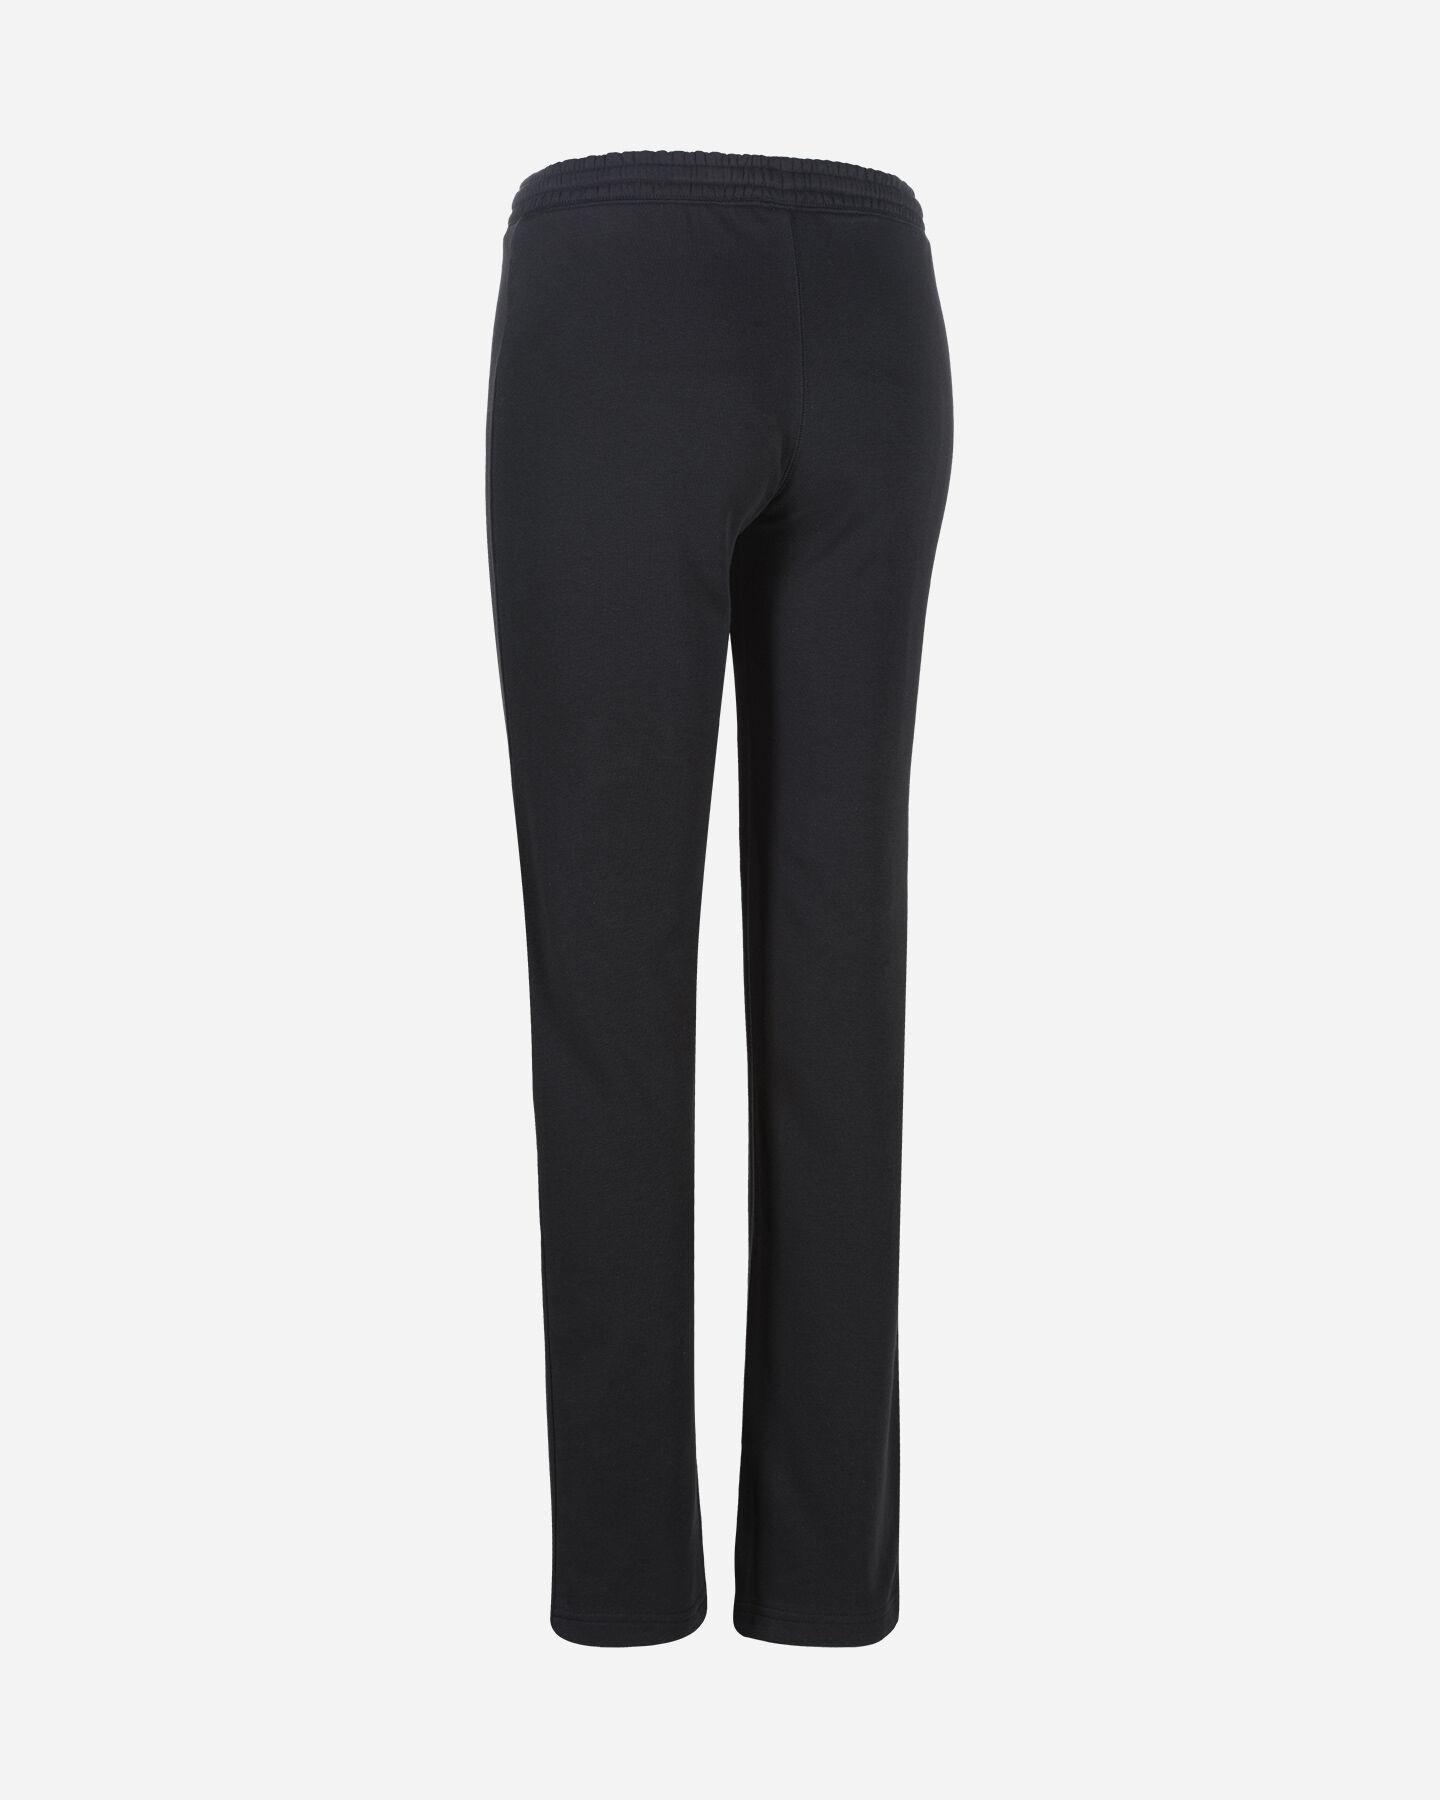 Pantalone ABC EMMA W S4011205 scatto 5